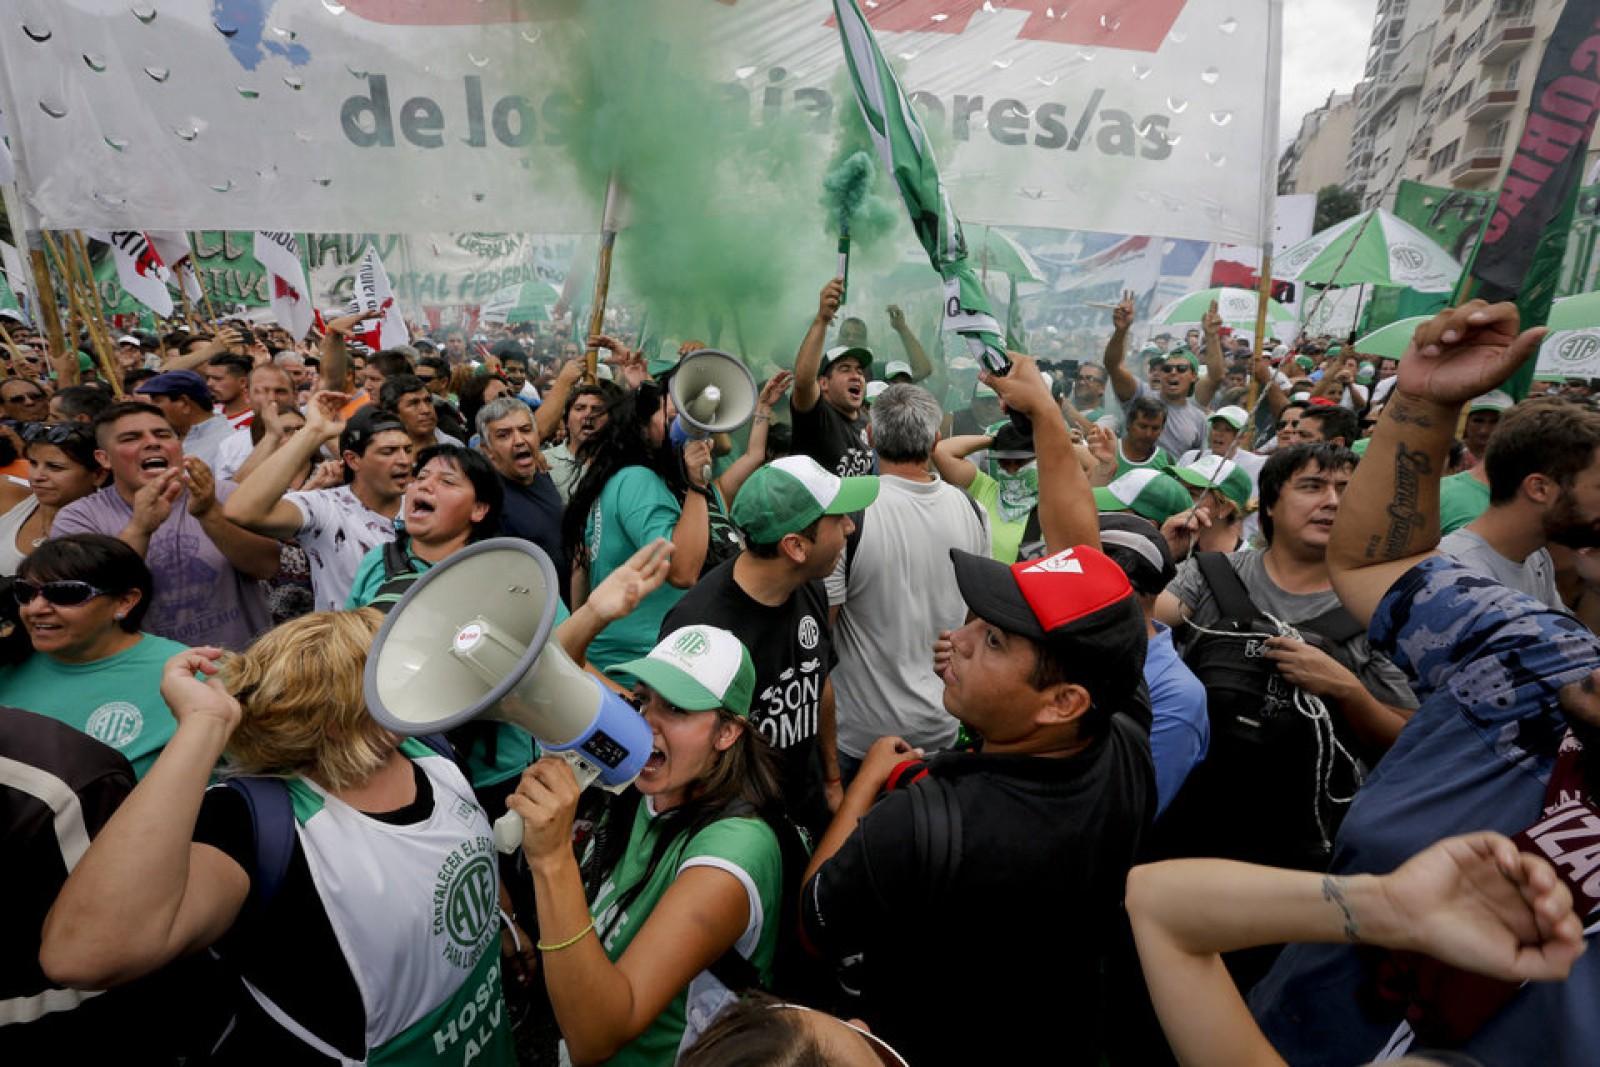 Zeci de mii de persoane au protestat în Argentina față de măsurile de austeritate